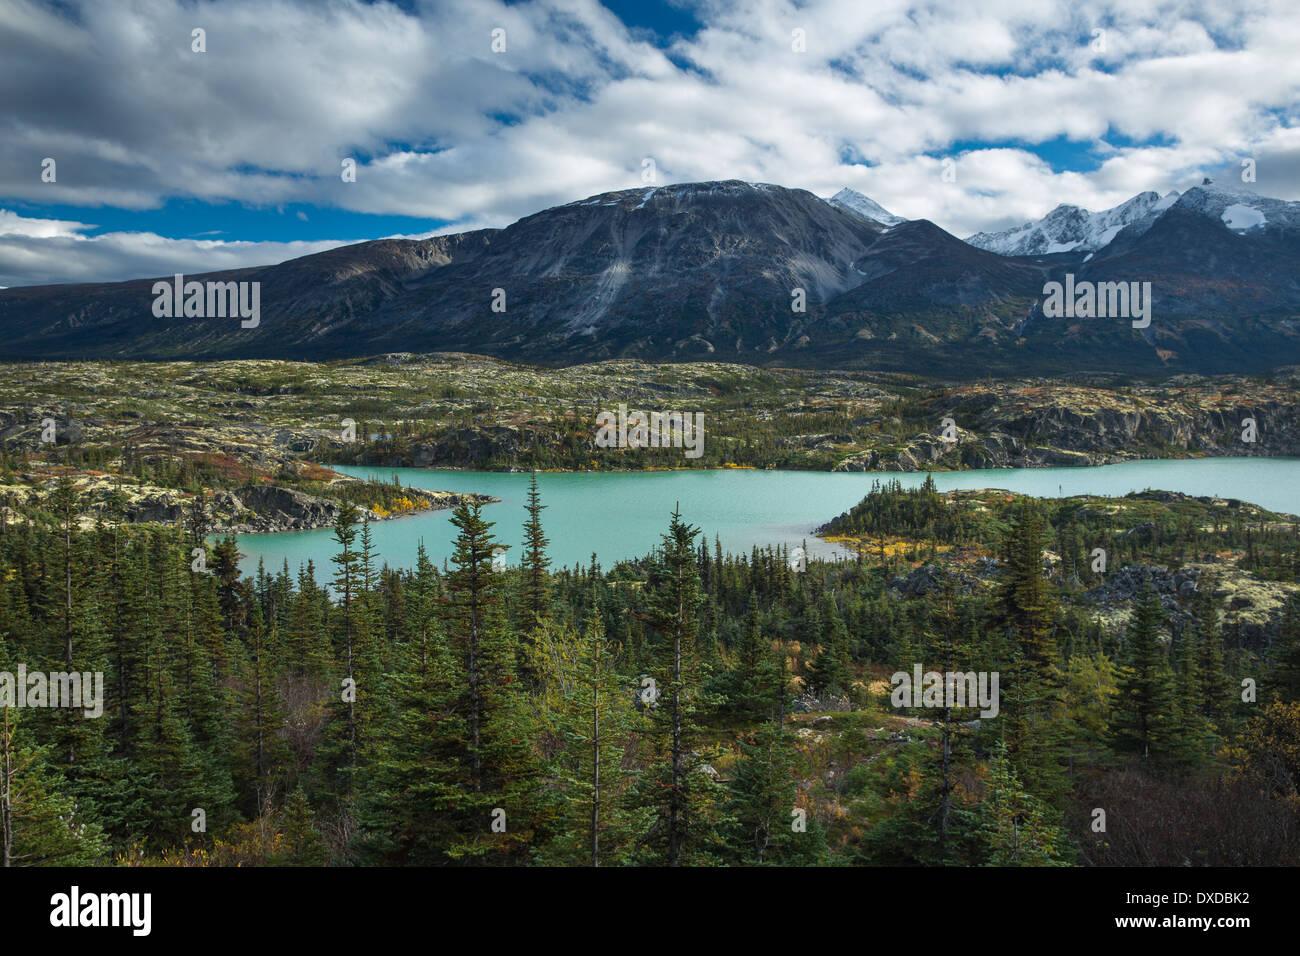 alpine Wiesen rund um Fraser, South Klondike Highway, British Columbia, Kanada Stockbild